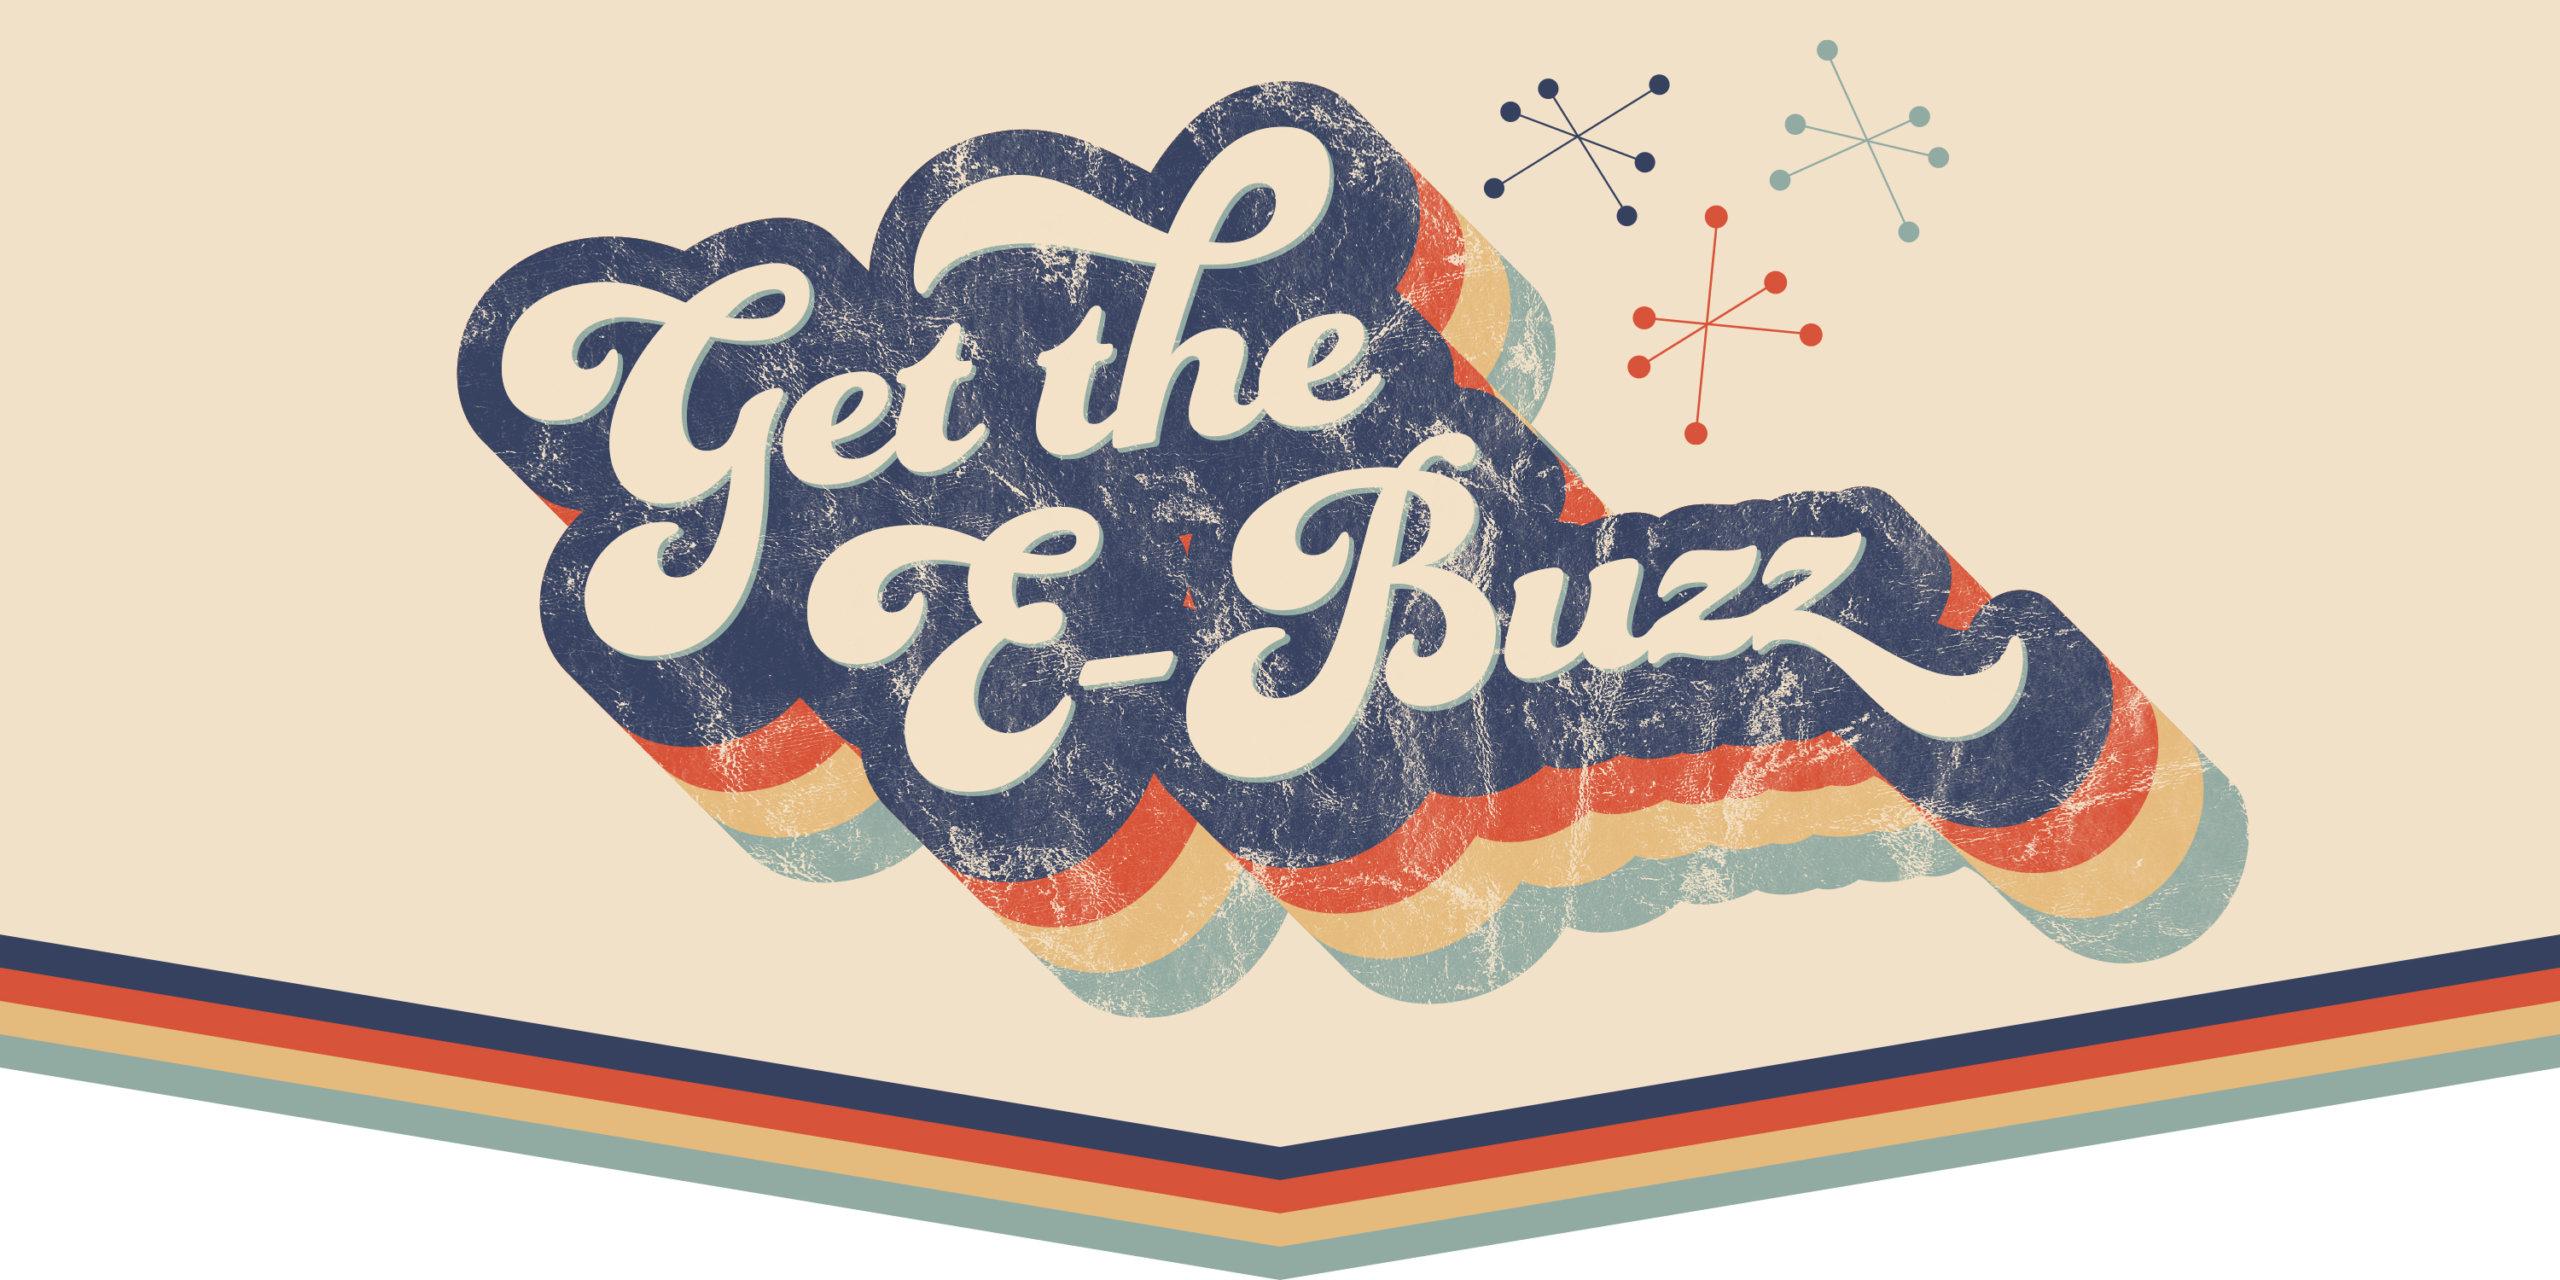 Get the E-Buzz